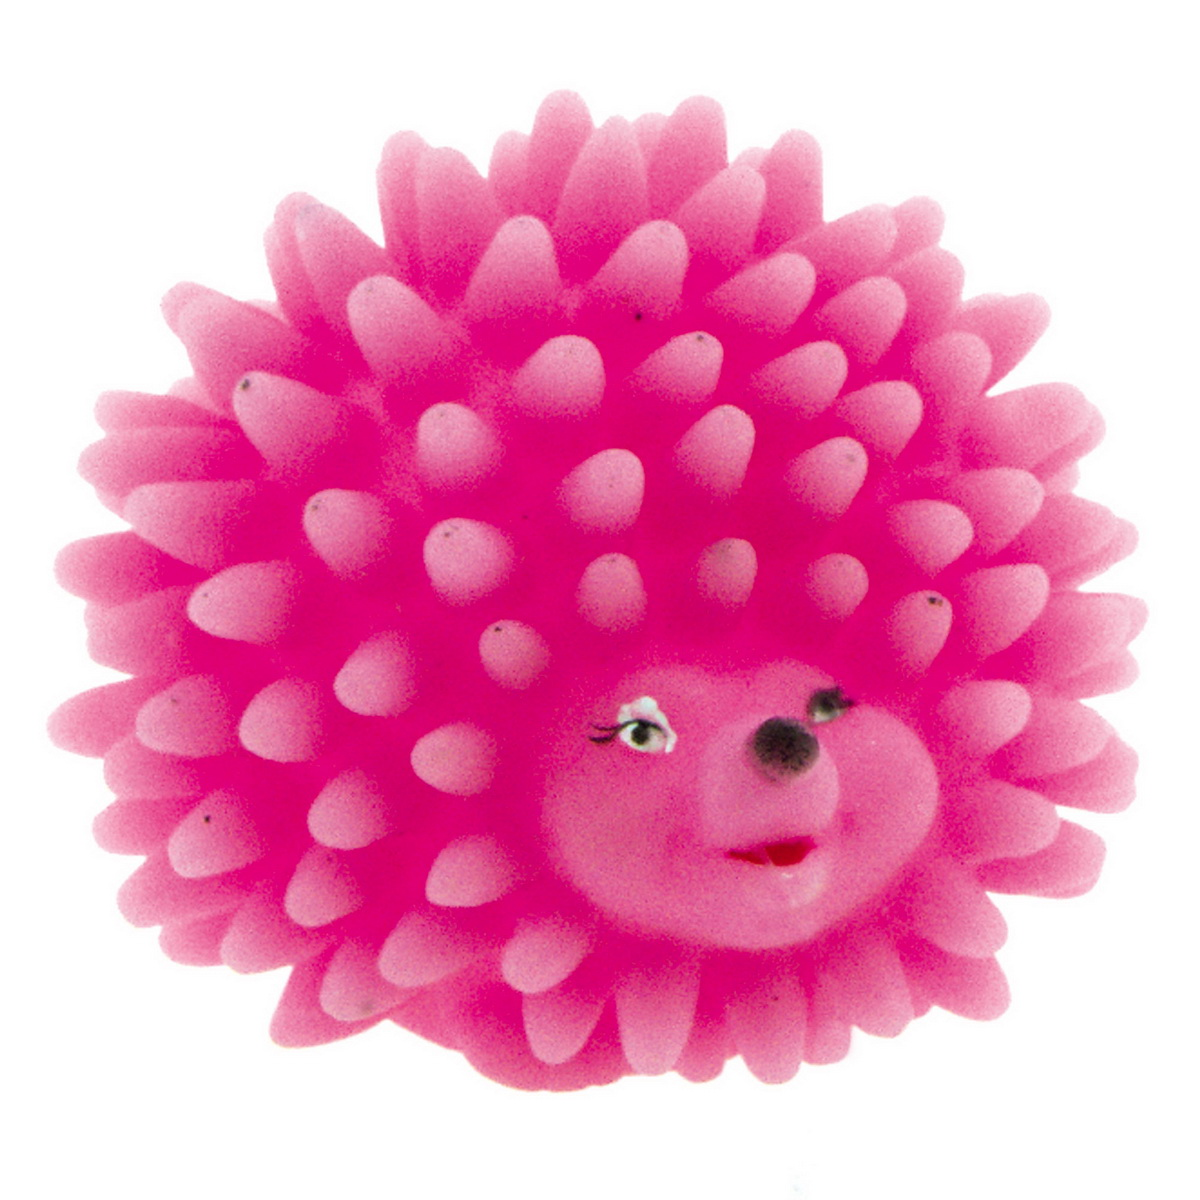 Игрушка для собак Dezzie Мяч. Розовый ежик, цвет: розовый, 8,8 х 8 см5604056Игрушка для собак Dezzie Мяч. Розовый ежик из винила практична, функциональна и совершенно безопасна для здоровья животного. Ее легко мыть и дезинфицировать. Такая игрушка очень легкая, поэтому собаке совсем нетрудно брать ее в пасть и переносить с места на место. Игрушка из винила станет прекрасным подарком для неугомонного четвероногого питомца.Размер игрушки: 8,8 х 8 см.